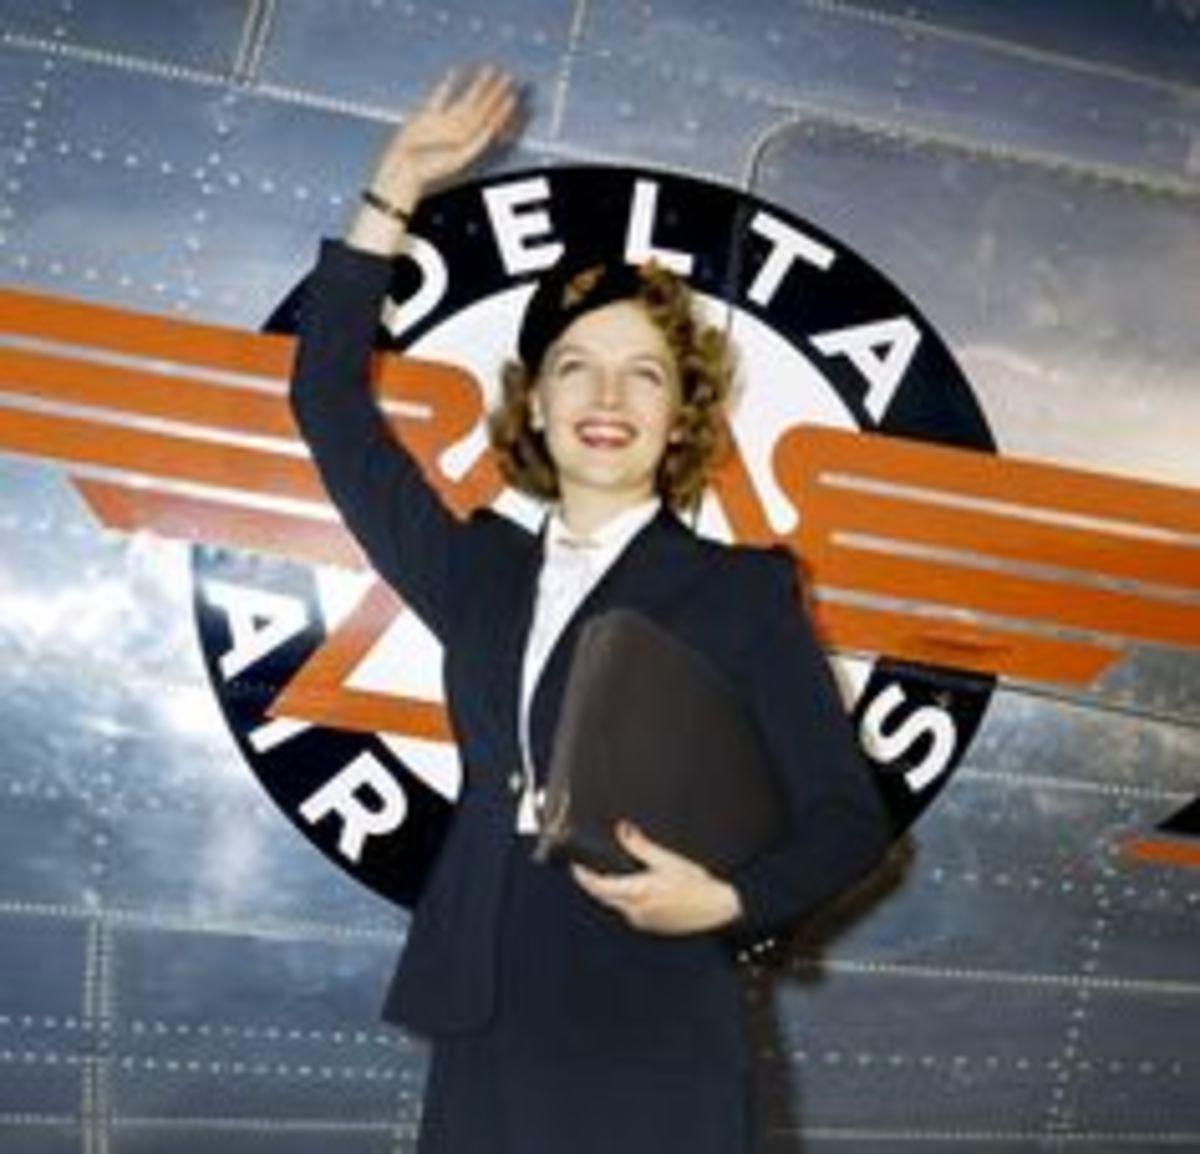 Delta Flight Attendant: Circa 1940's